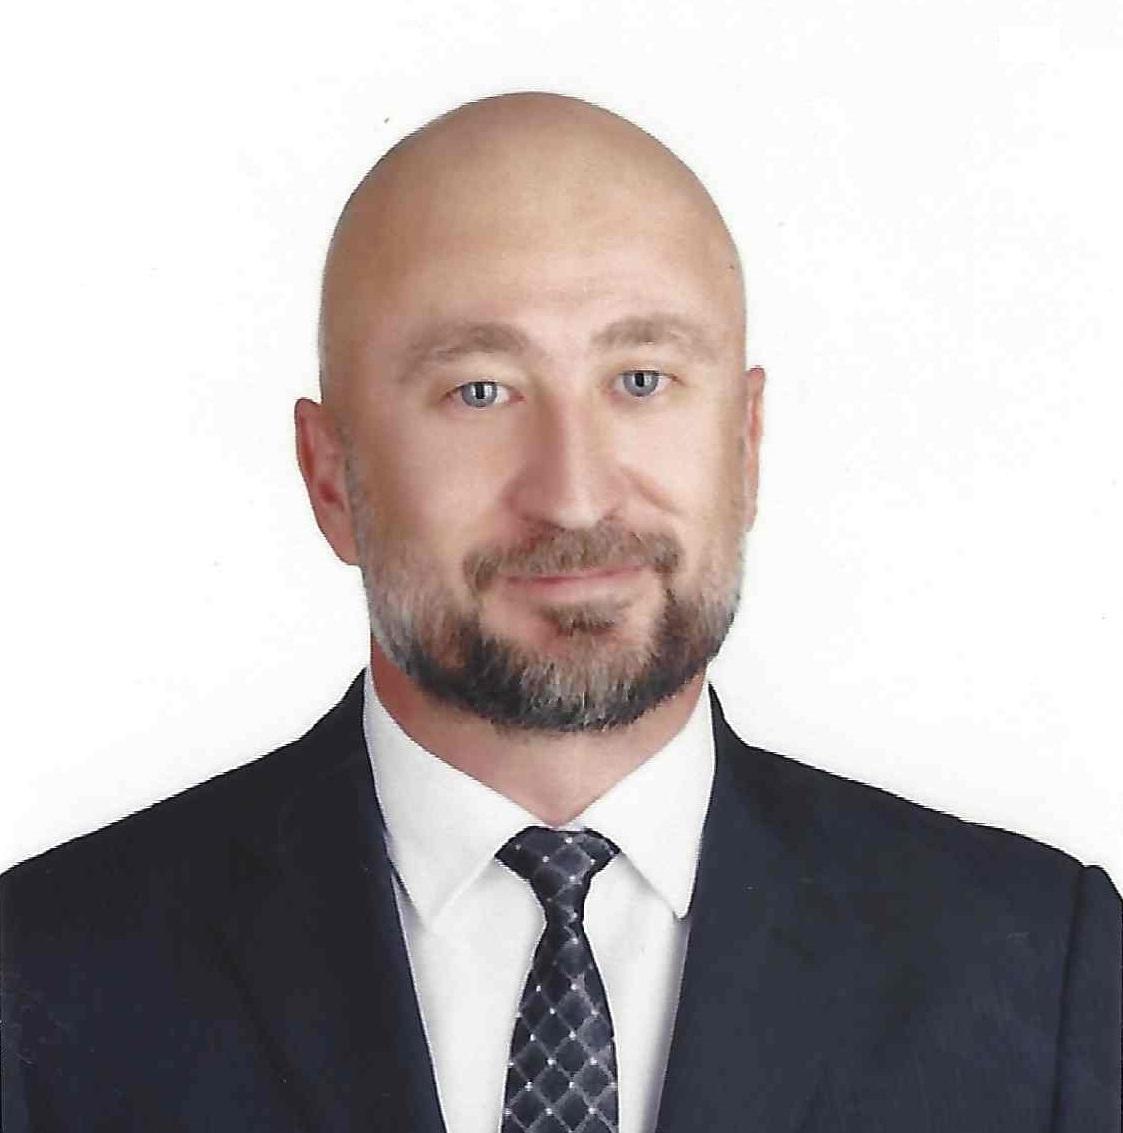 Brisa'nın Uluslararası Pazarlar Direktörü Ertan Kurt